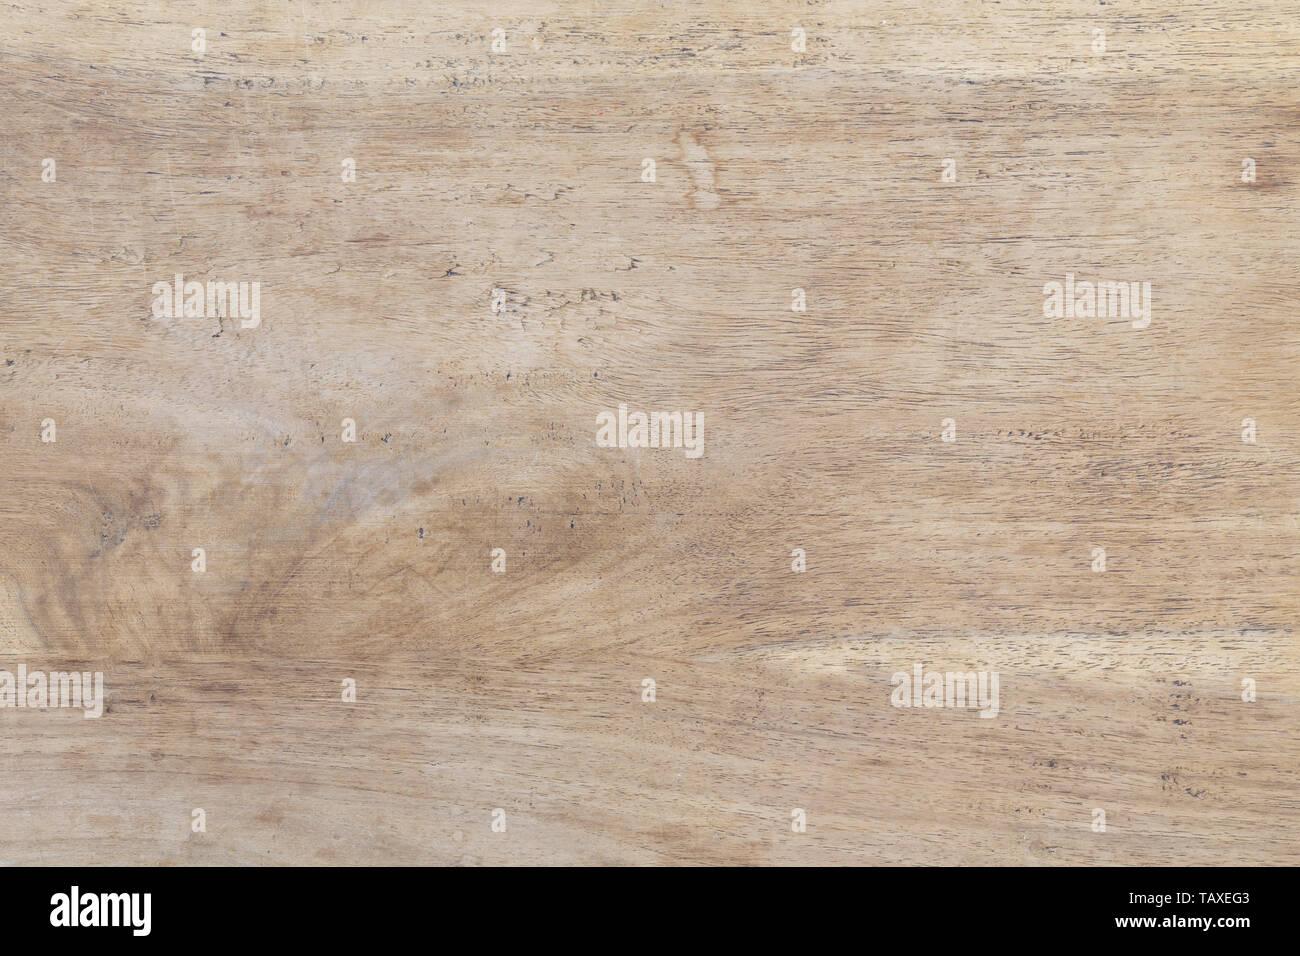 Nahaufnahme einer braunen Holz- hintergrund Vorlage Stockfoto